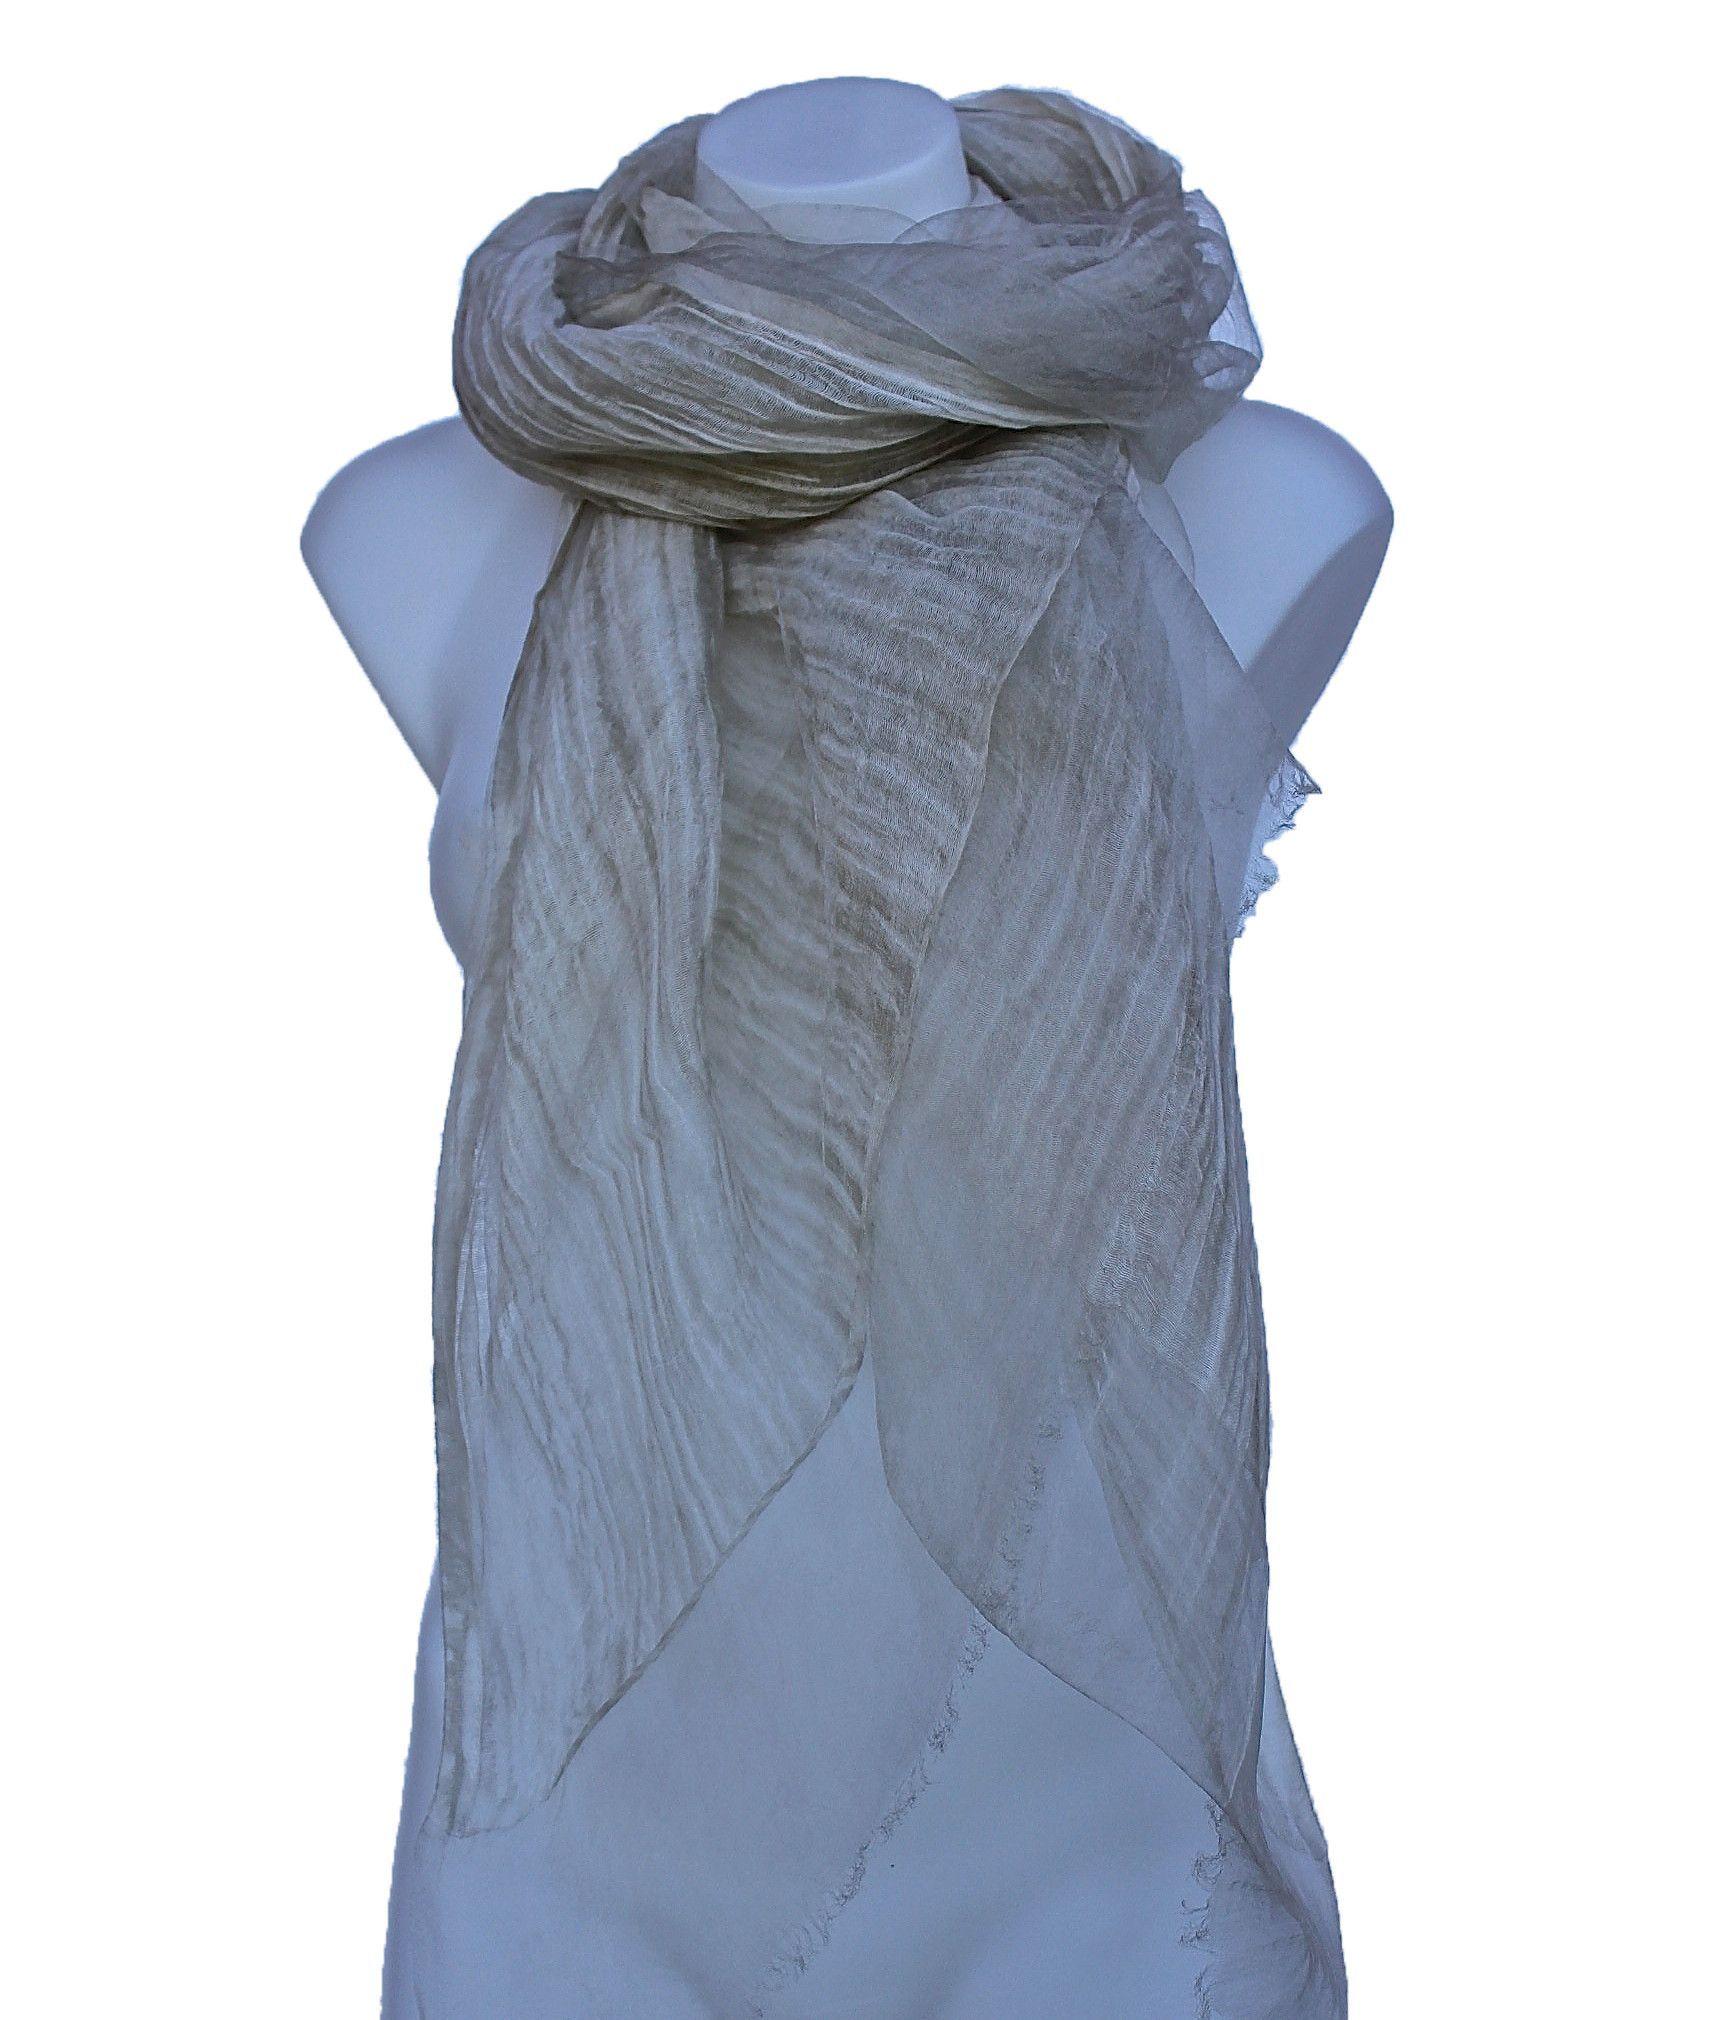 Silk & Cotton Long Sheer Scarf/Wrap